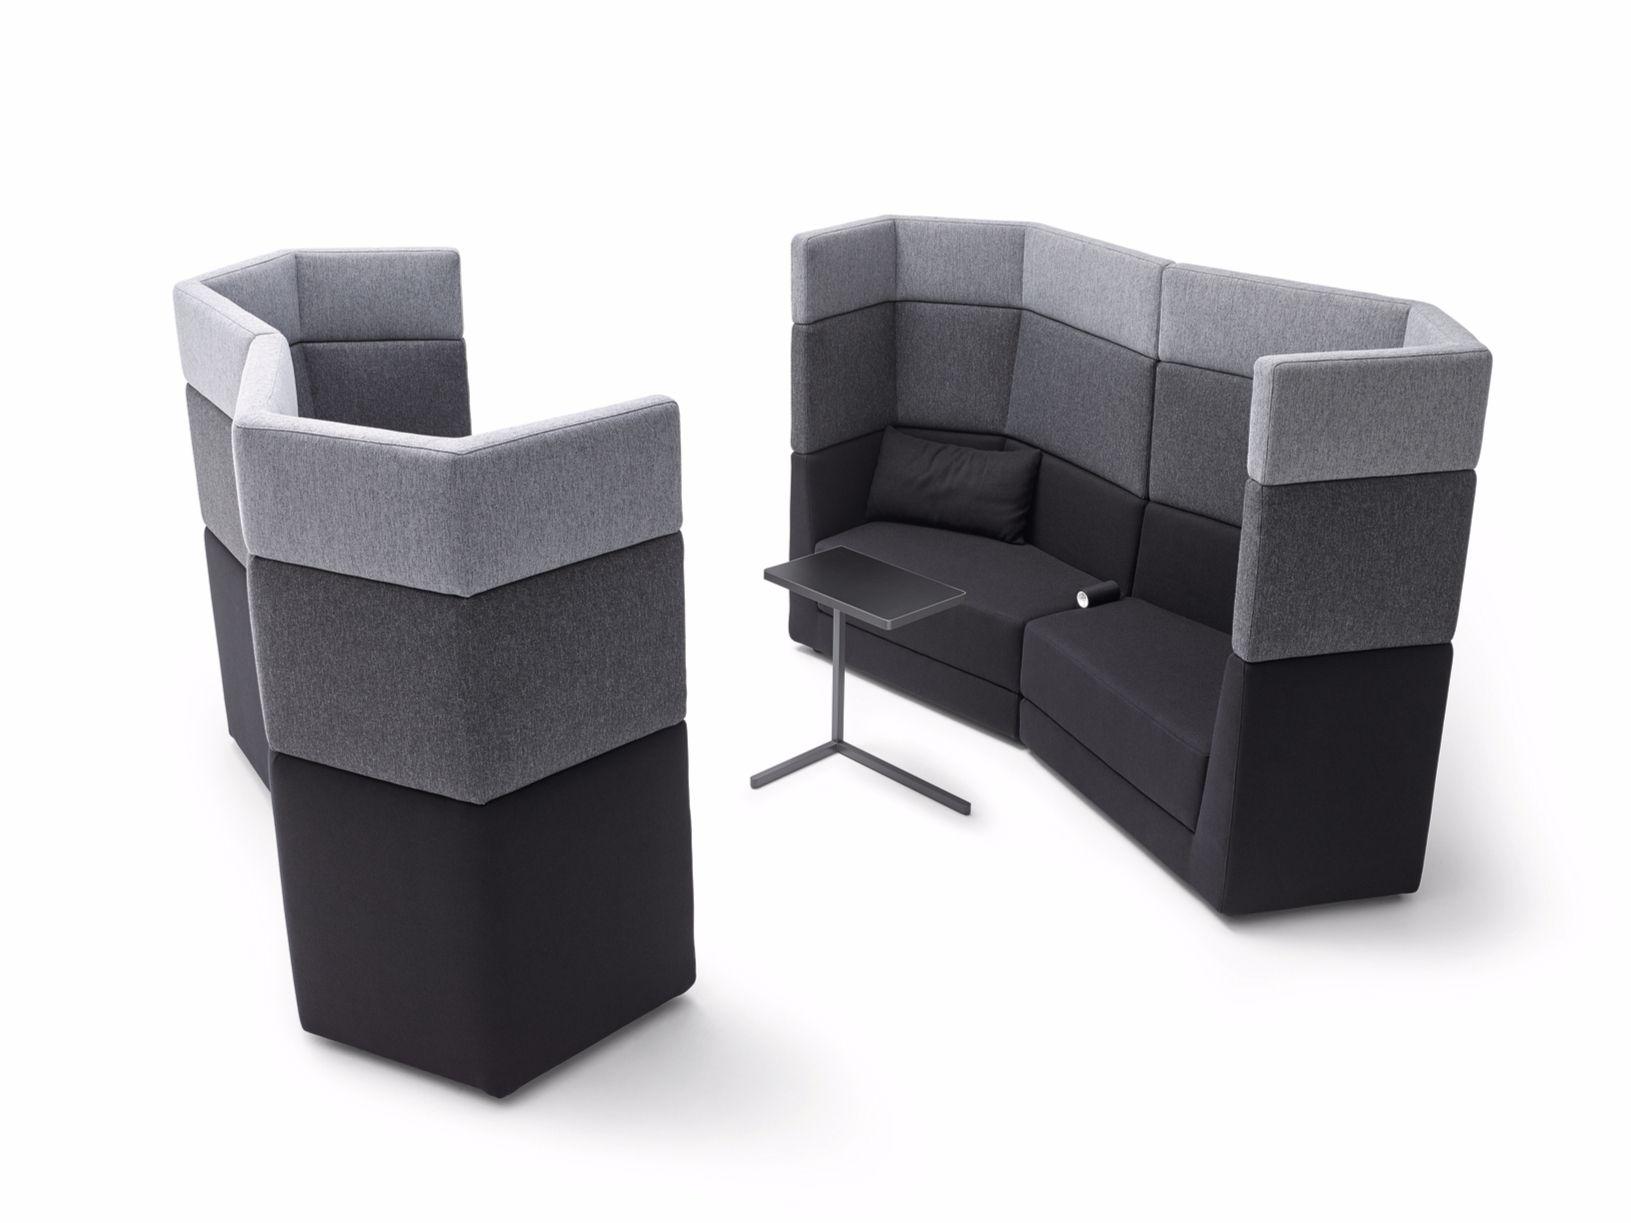 sofa aus stoff mit hoher r ckenlehne kollektion scope by cor sitzm bel helmut l bke design uwe. Black Bedroom Furniture Sets. Home Design Ideas